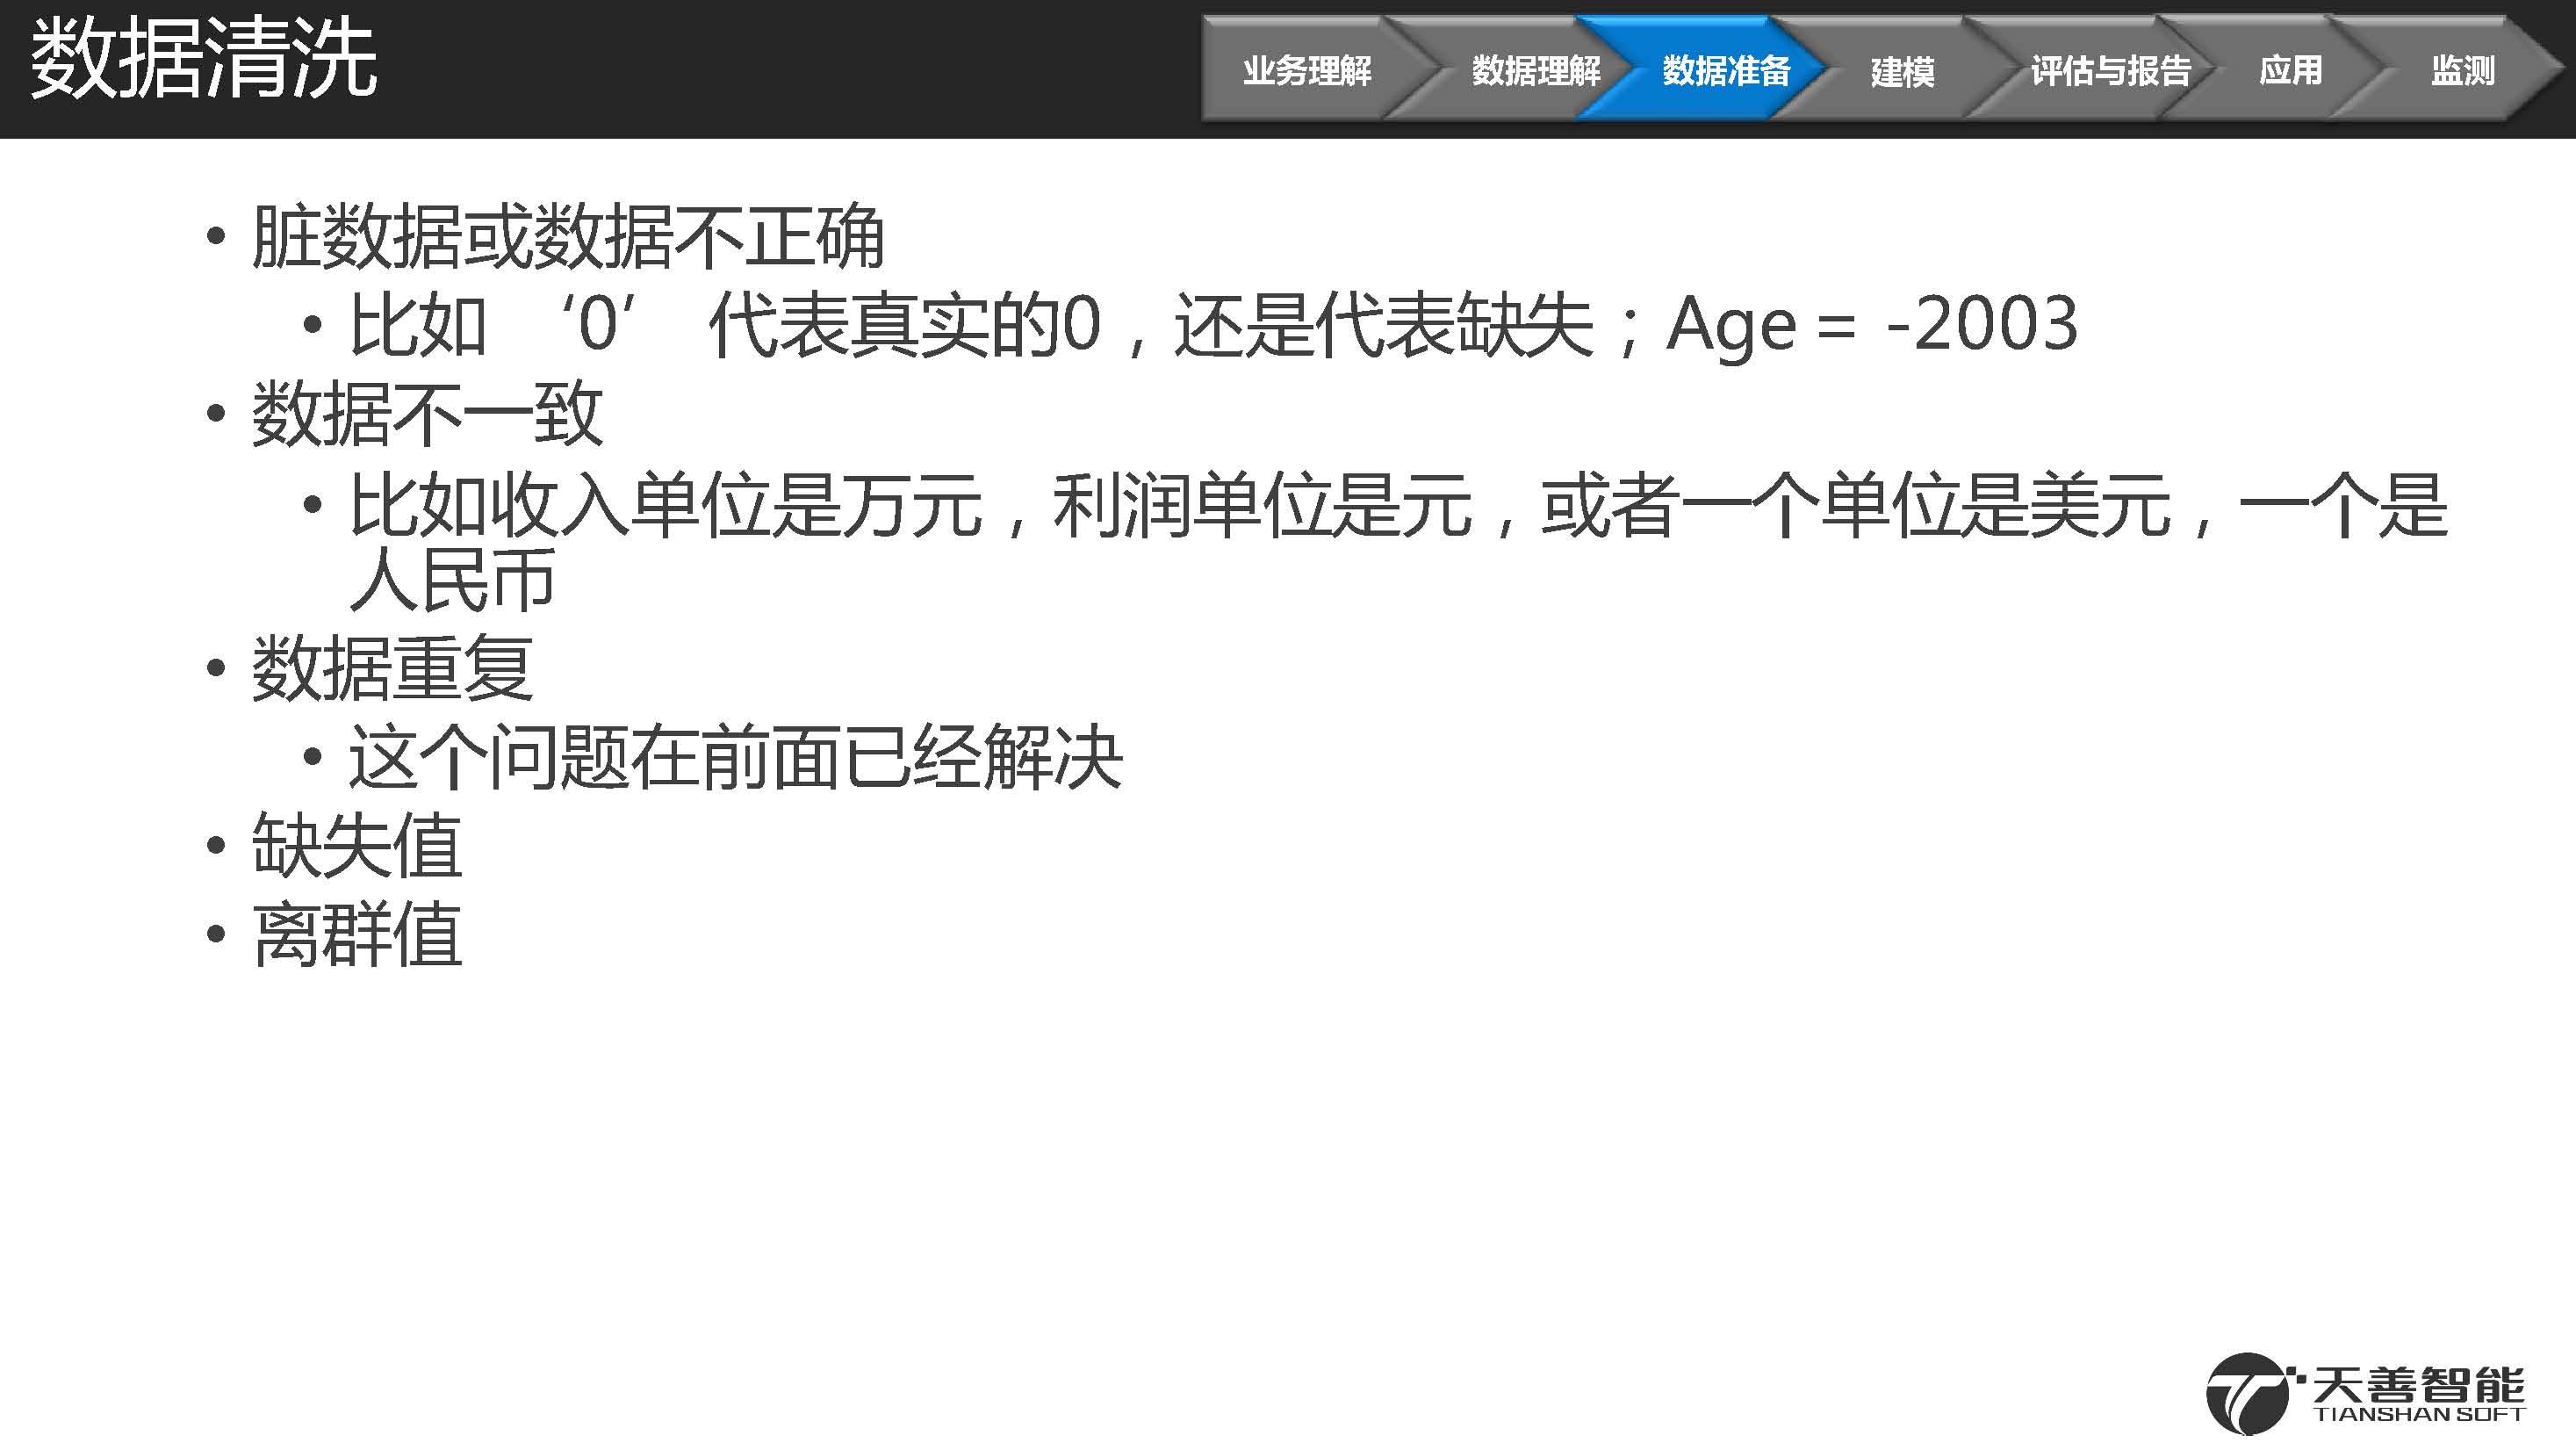 2汽车金融信用违约预测模型案例_页面_33.jpg